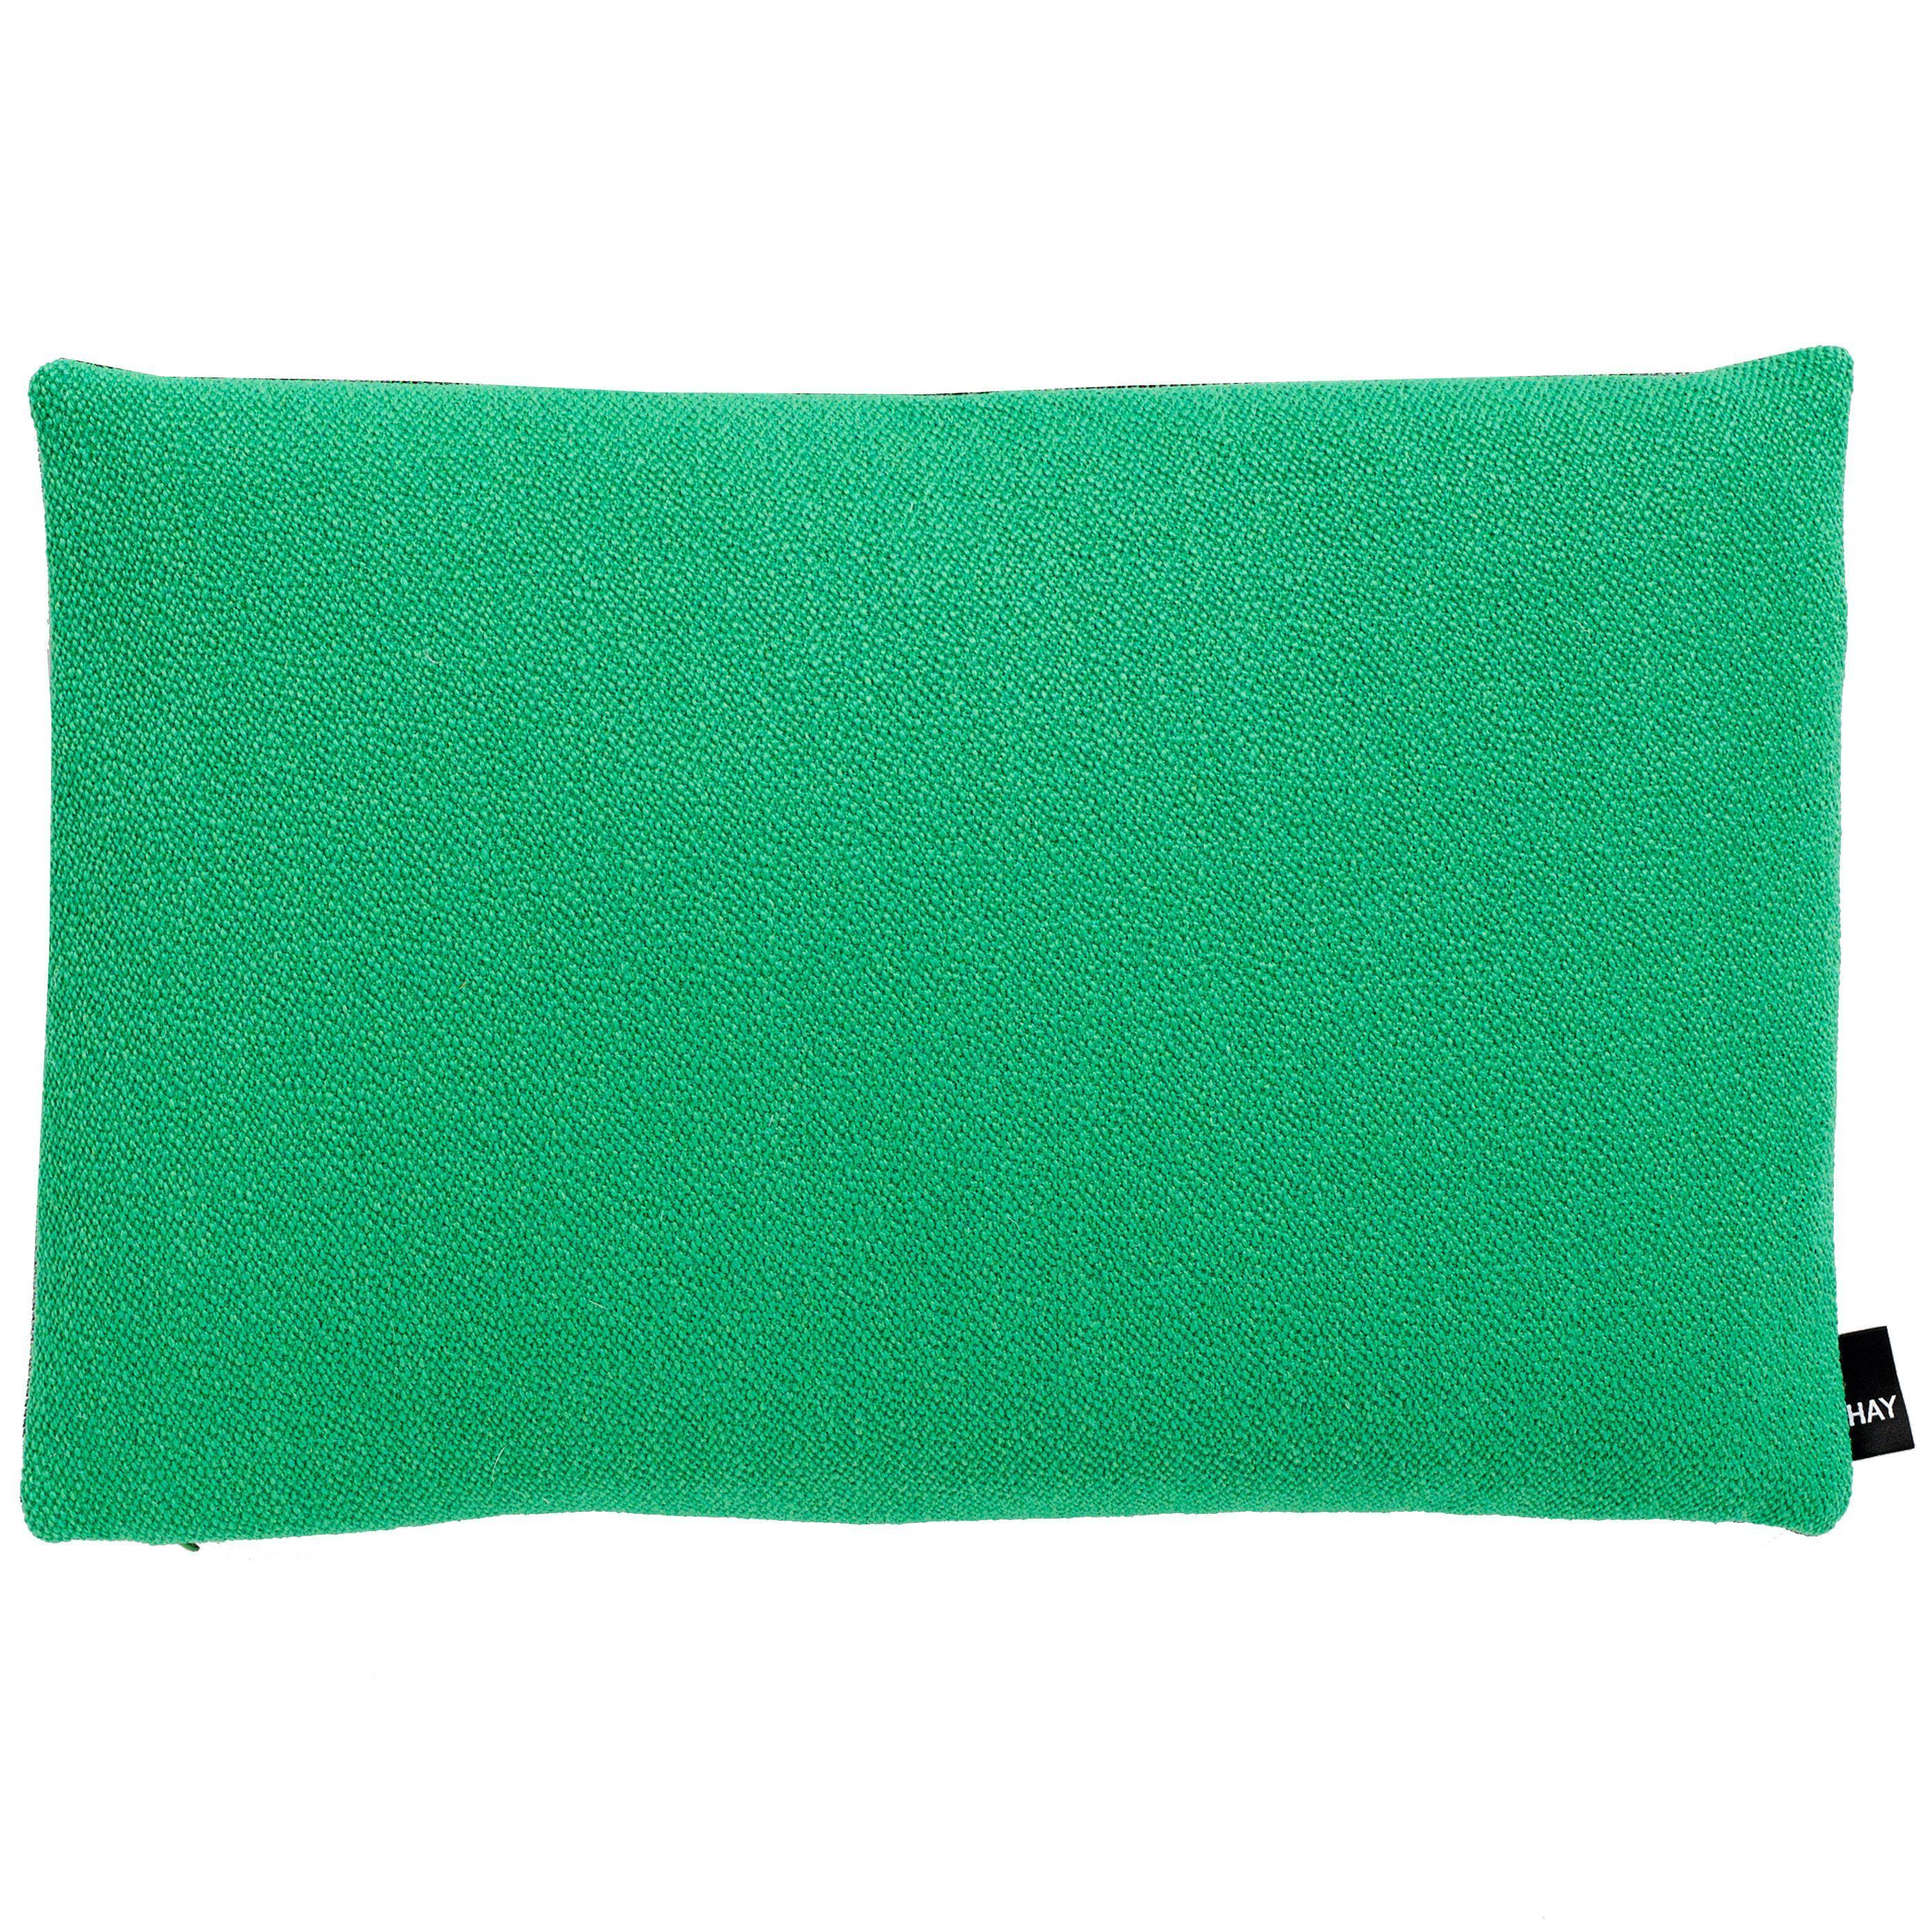 Hay Eclectic kussen 45x30 Bright Green